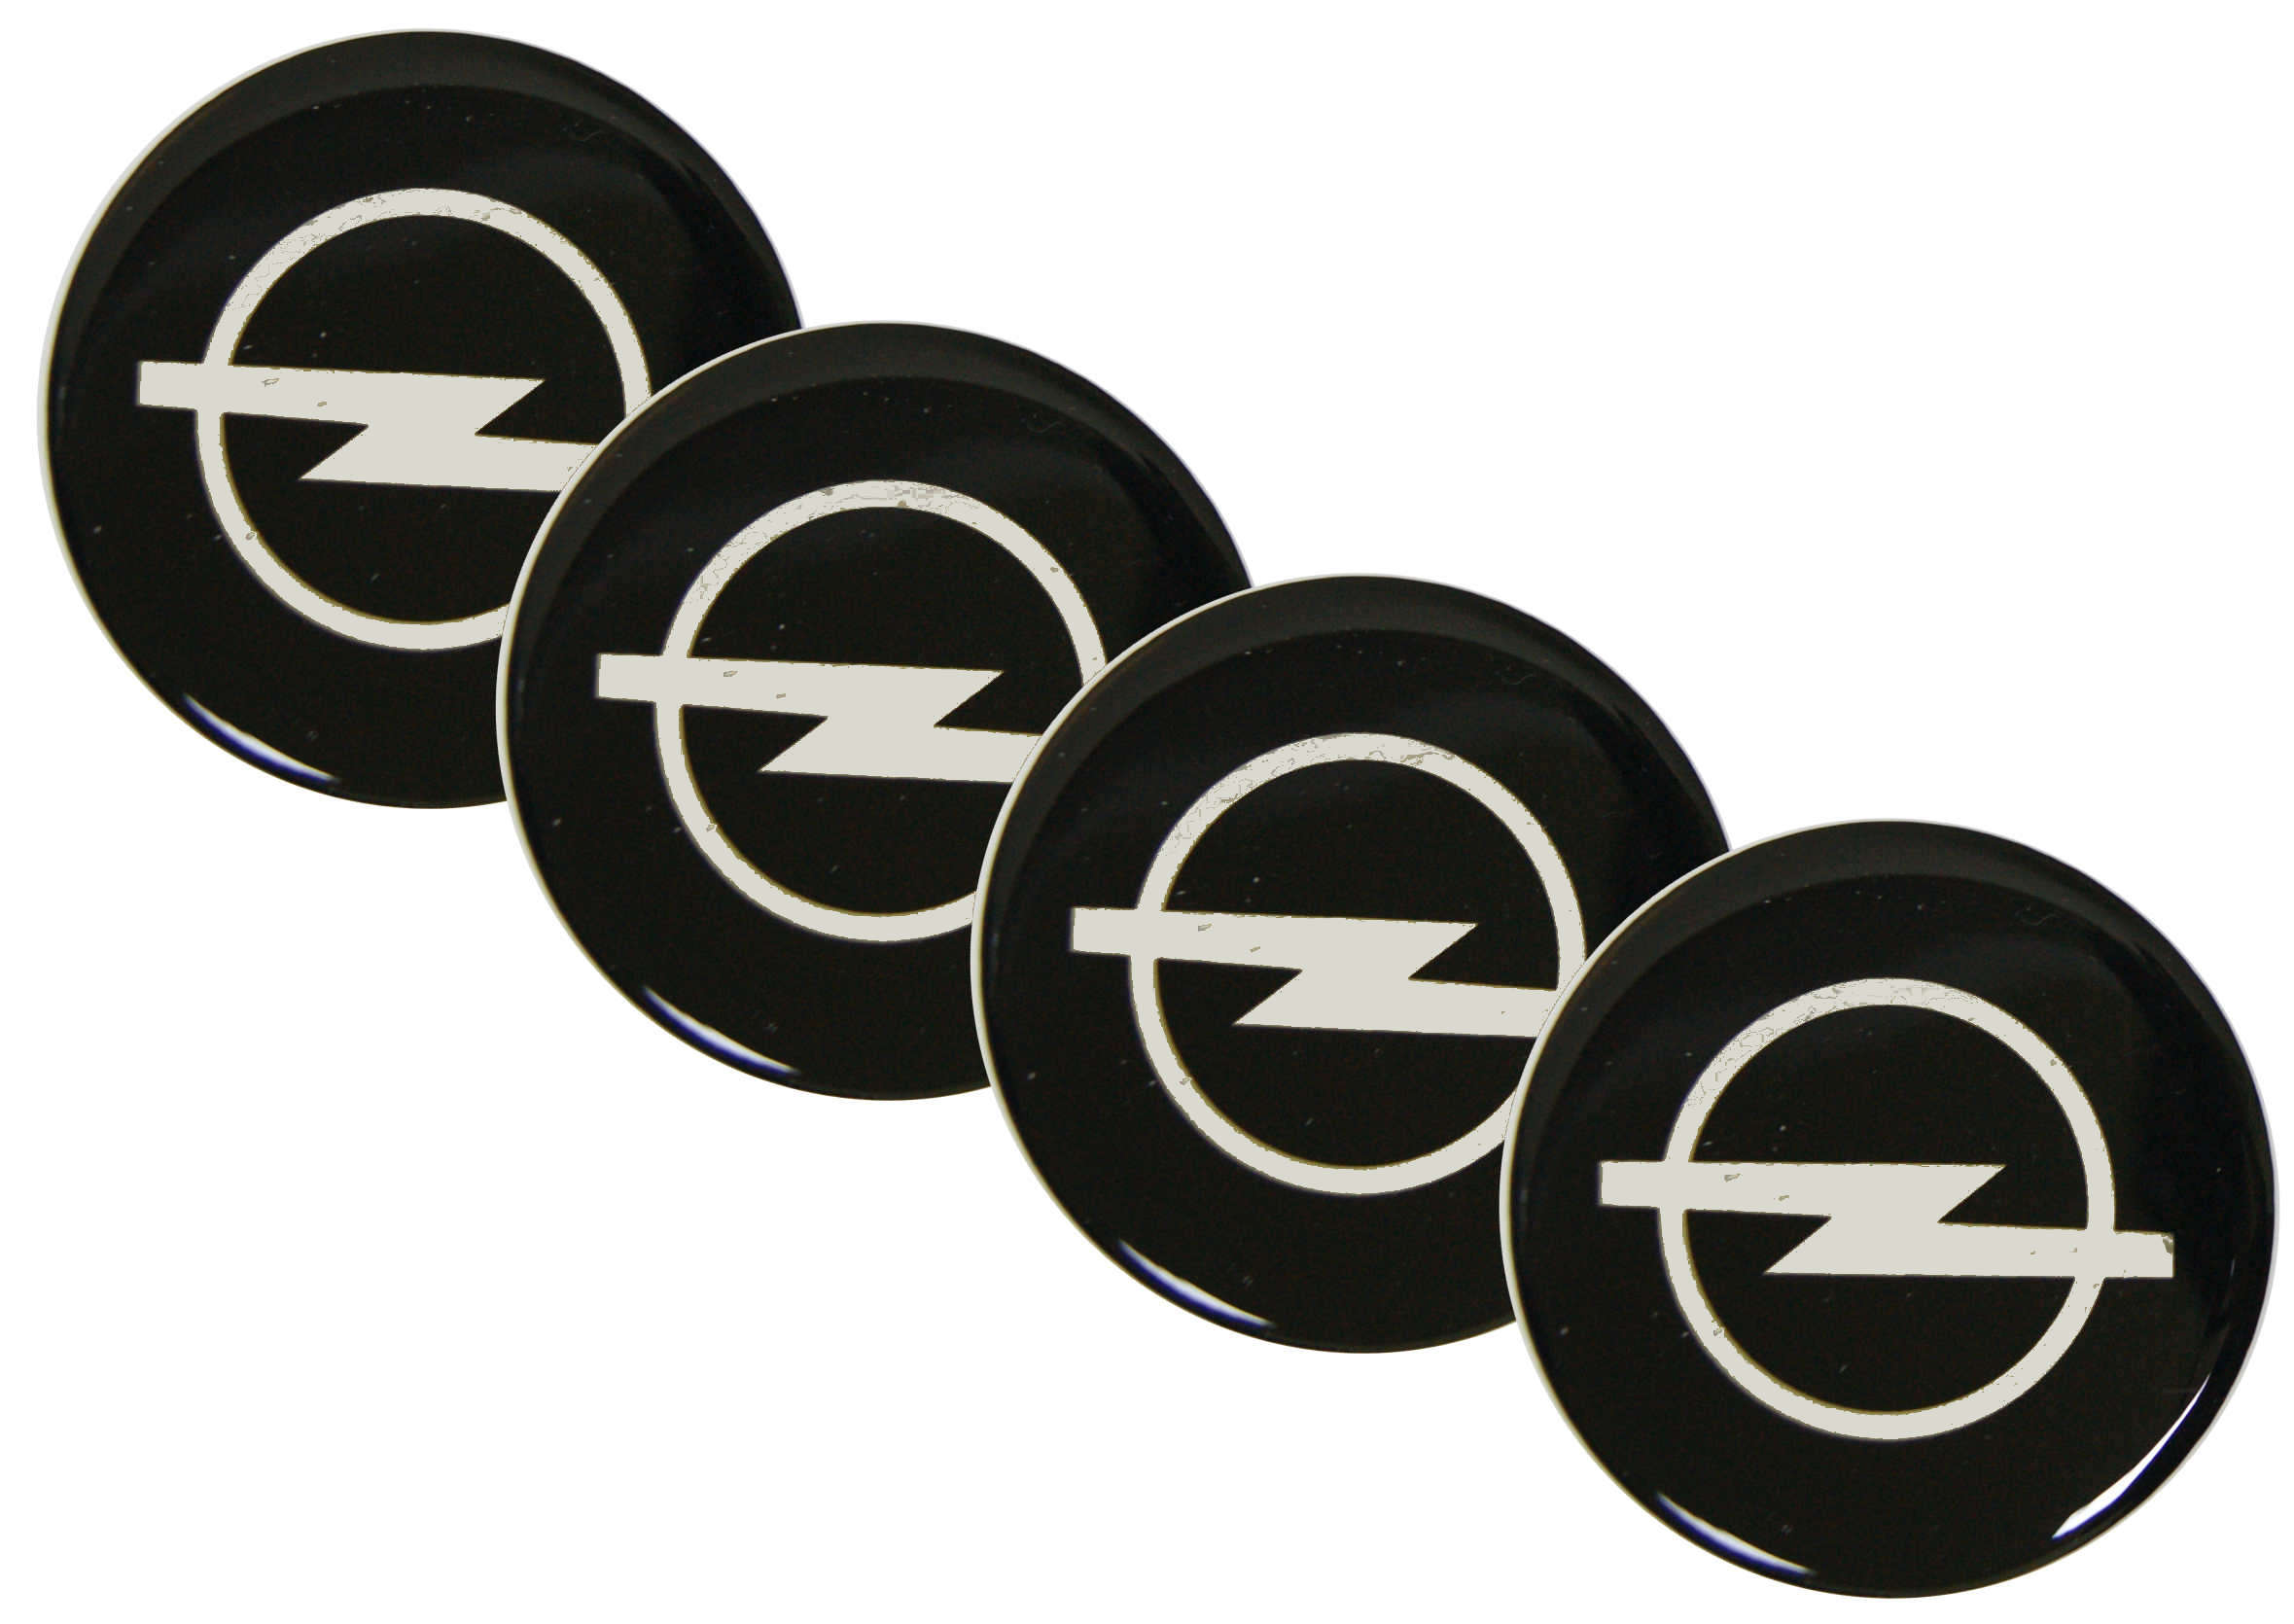 Naklejki wypukłe Emblematy Opel 70 mm 4szt